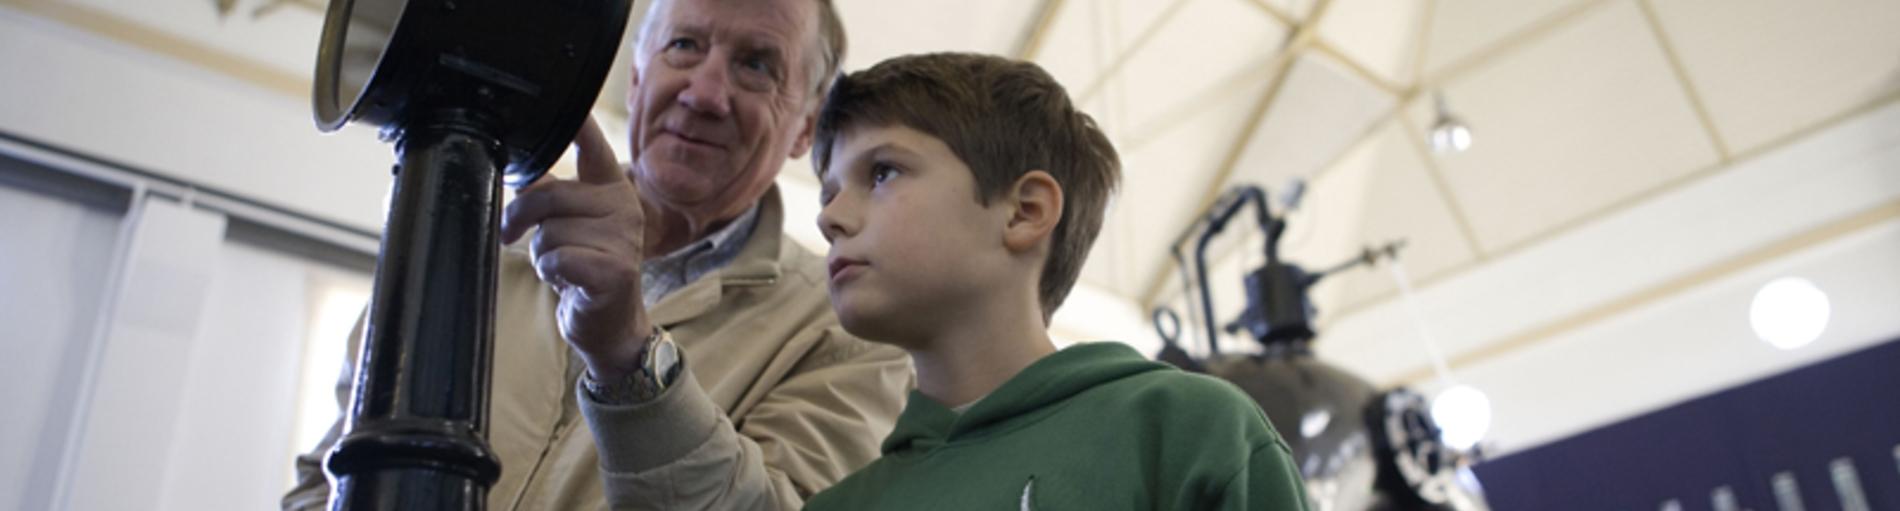 Großvater und Enkel betrachten ein Exponat im Museum